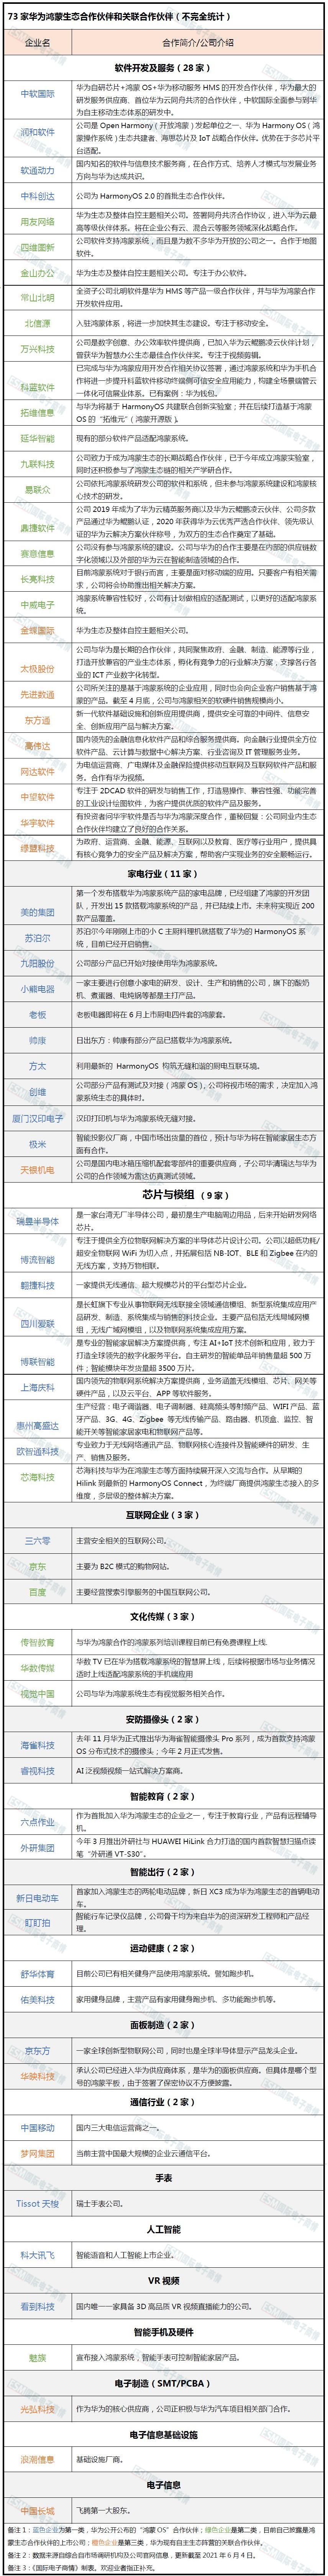 """华为鸿蒙0S""""朋友圈""""曝光:共73家,魅族成唯一手机厂商(附名单)"""